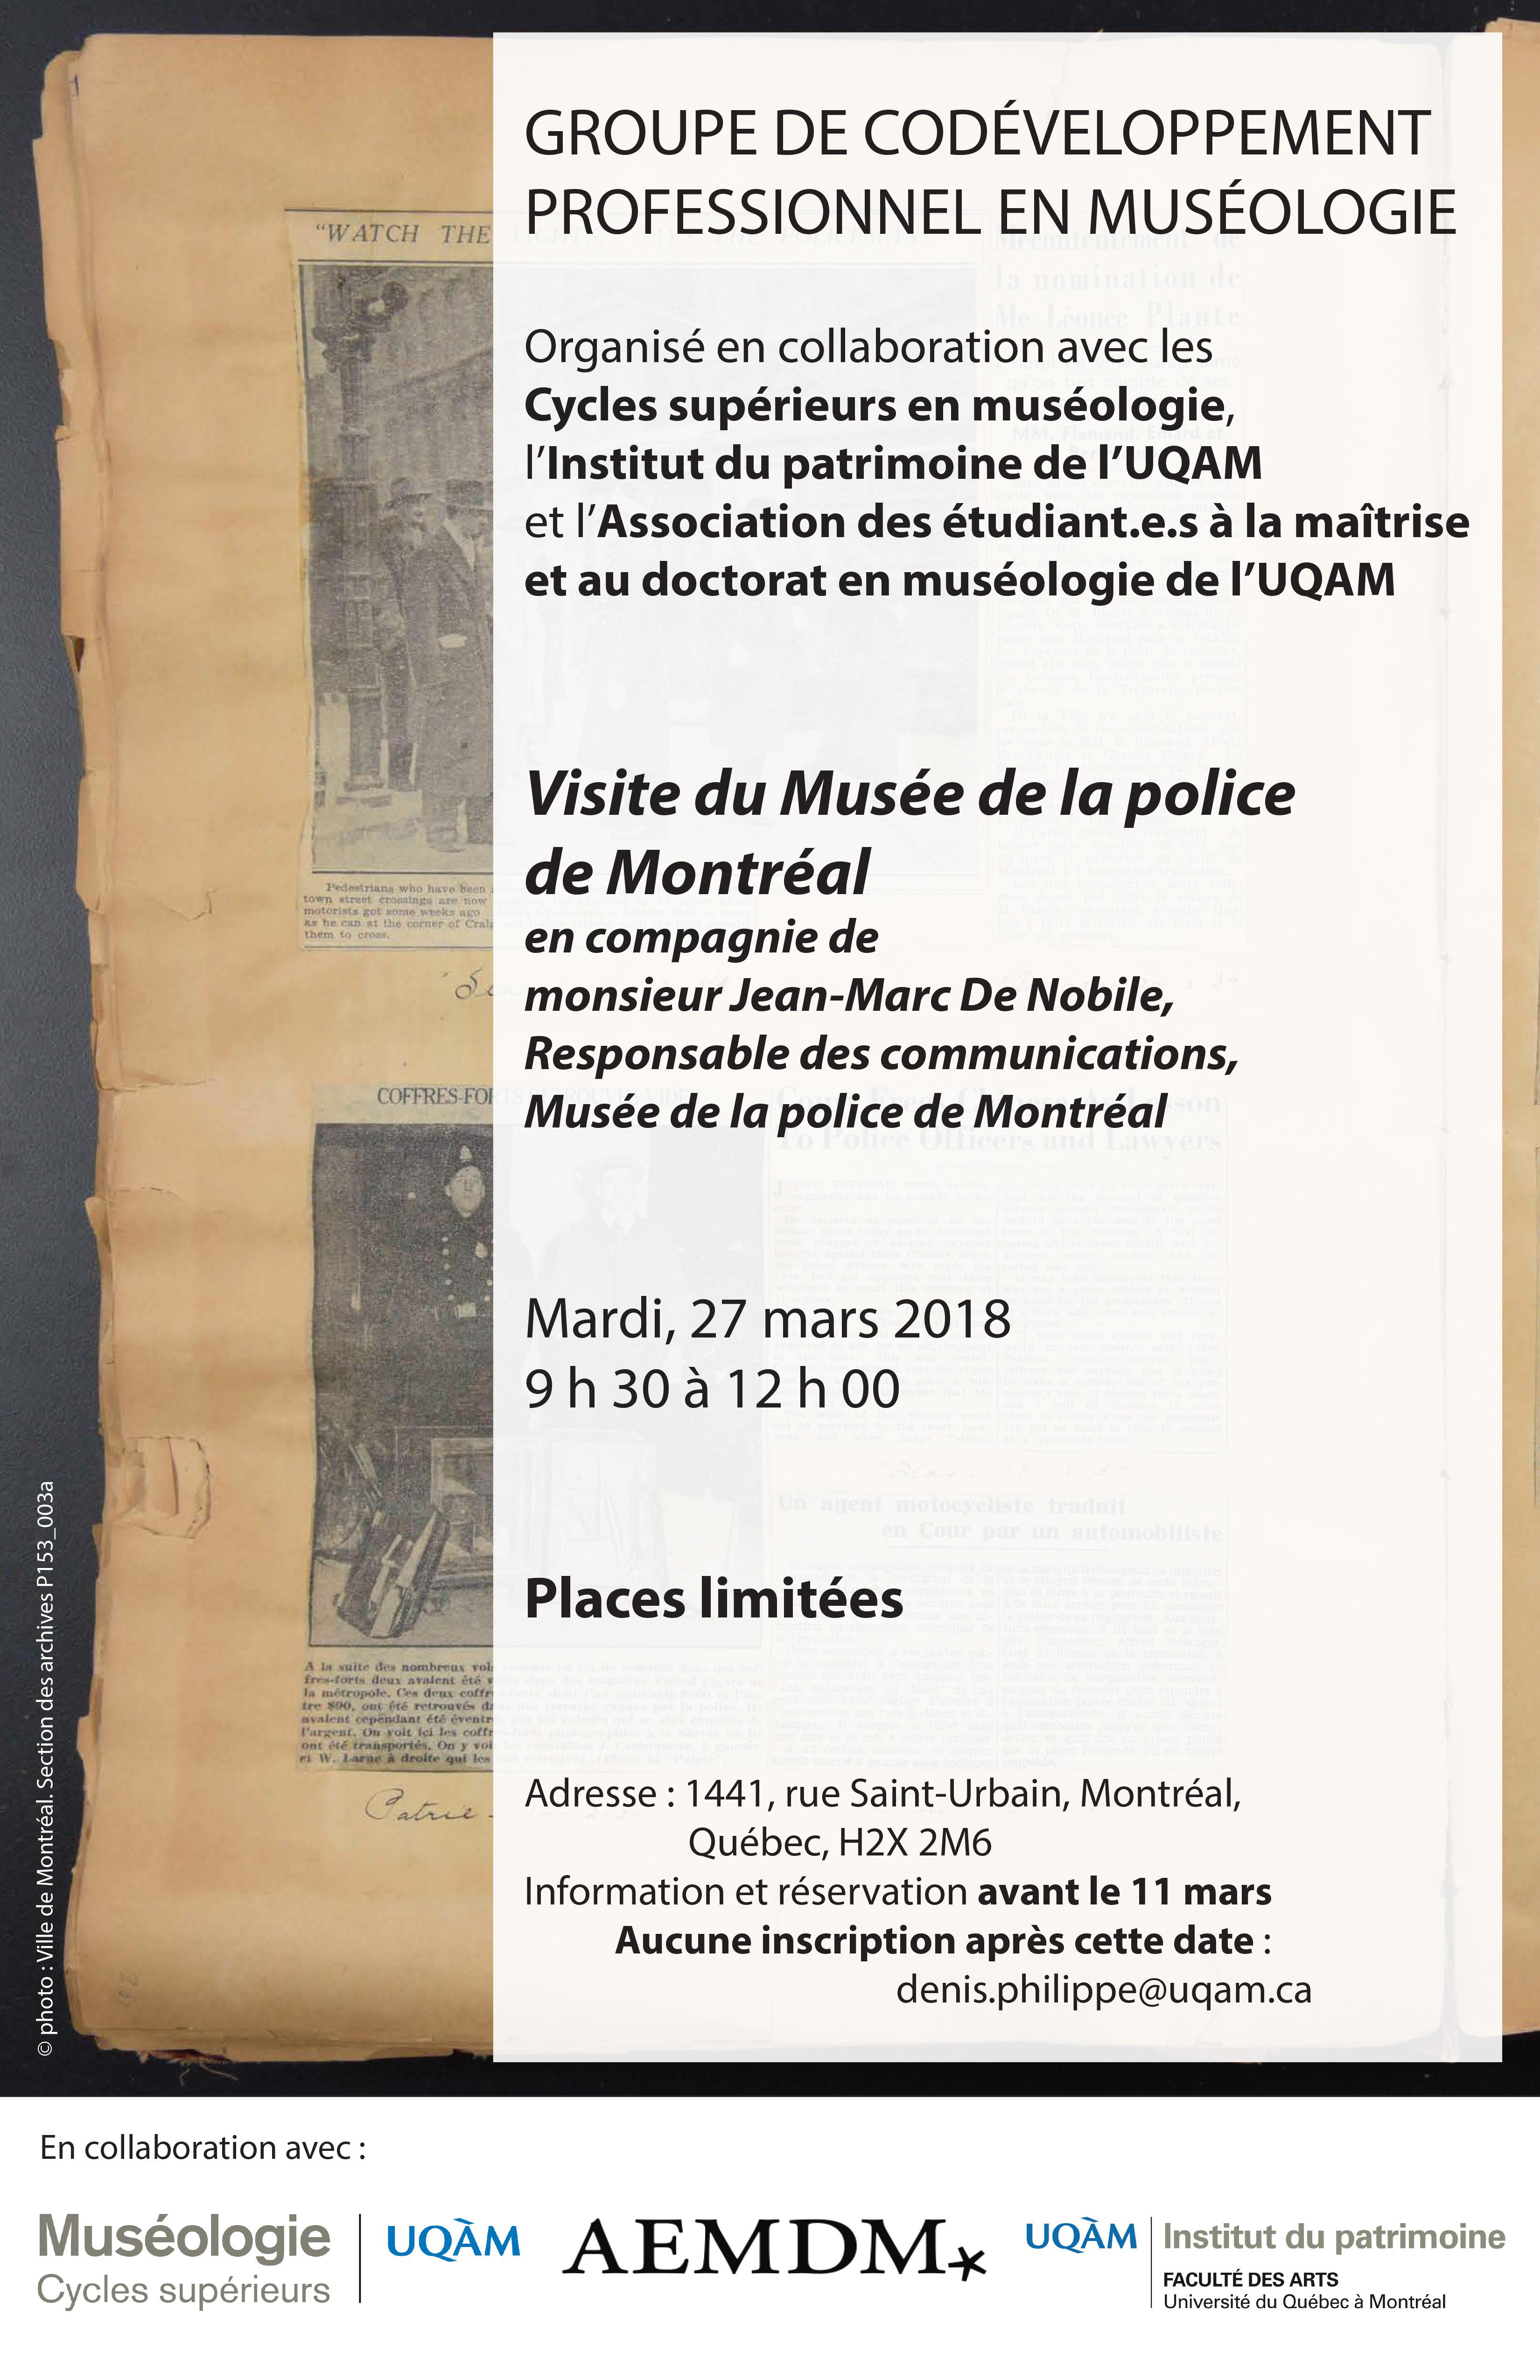 Groupe de codéveloppement professionnel en muséologie / Musée de la police de Montréal